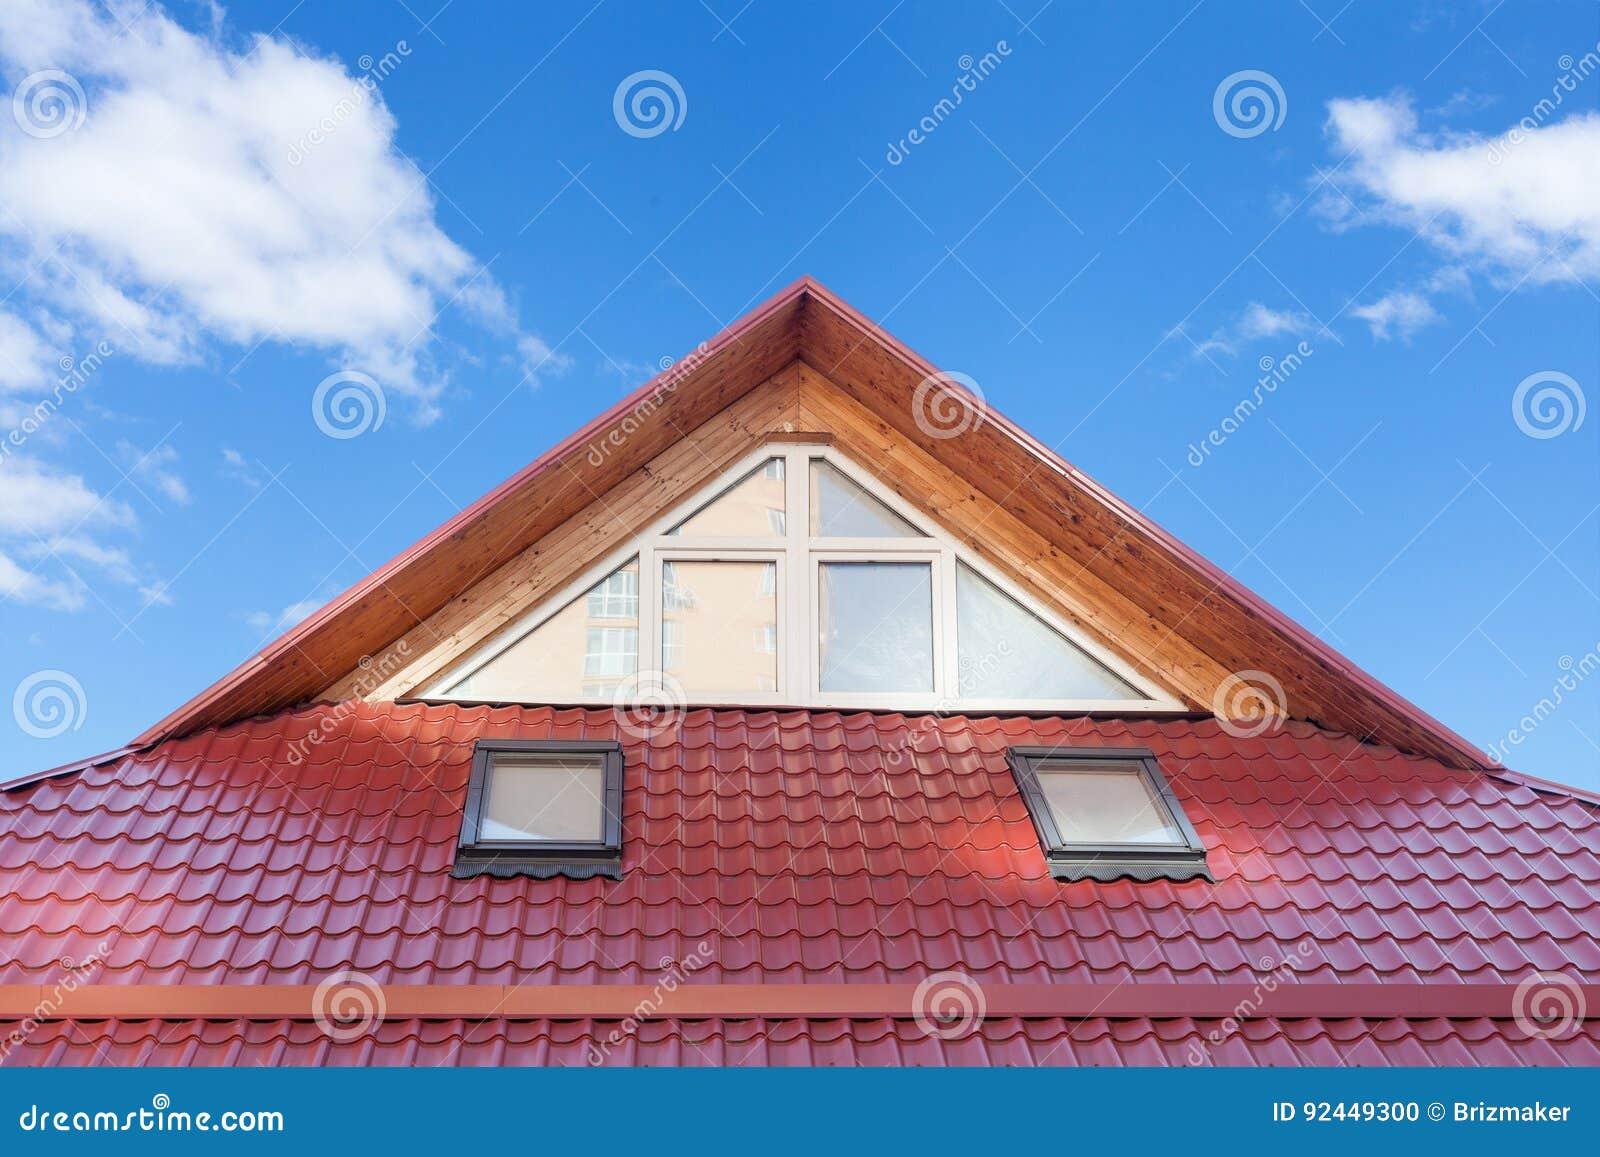 Il tetto piastrellato metallo rosso con i nuovi abbaini for Lucernari da tetto